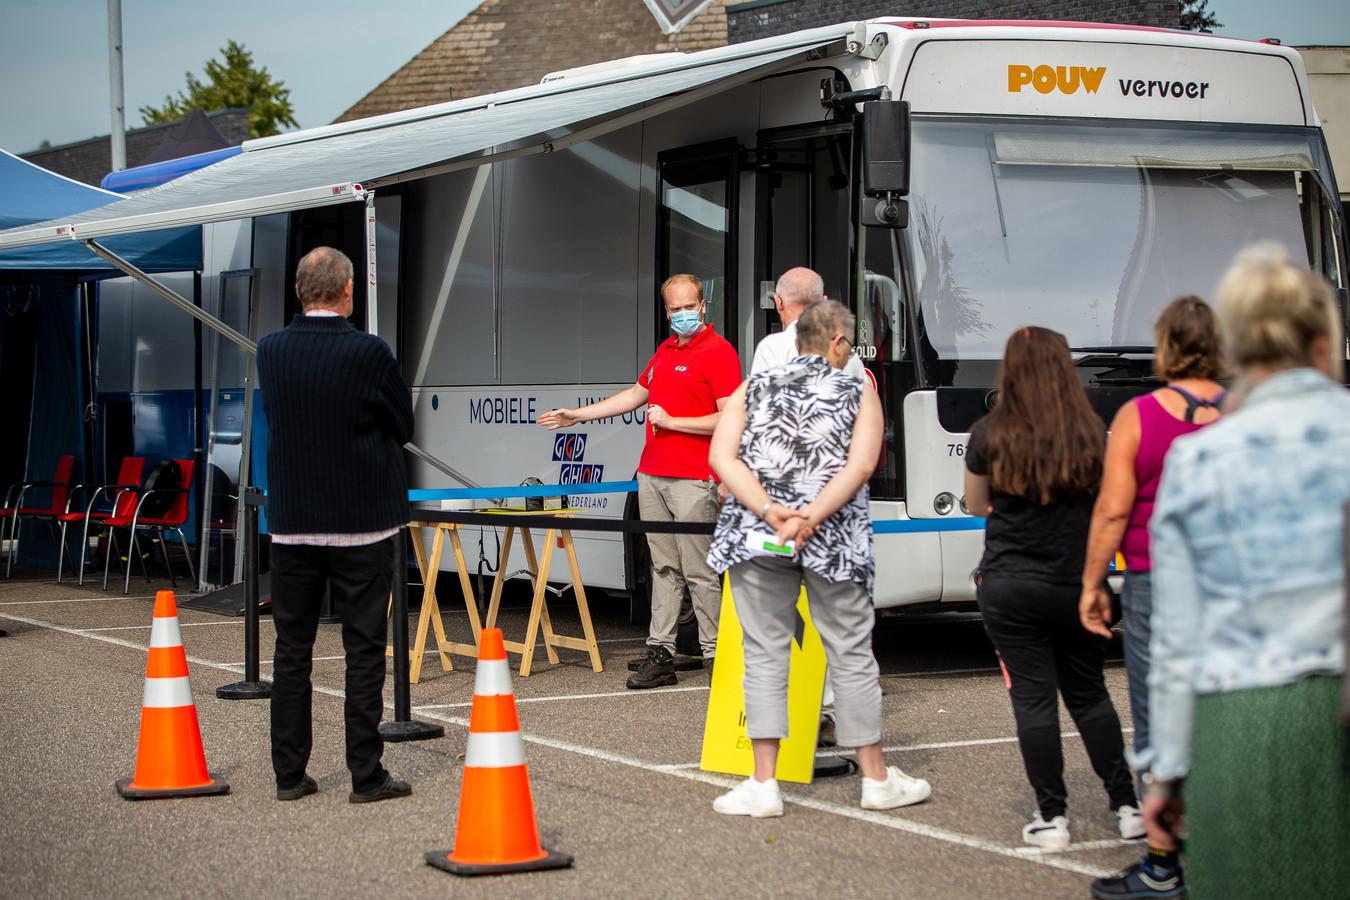 Prikbus van de GGD in Beneden Leeuwen voor prikken-zonder-afspraak.